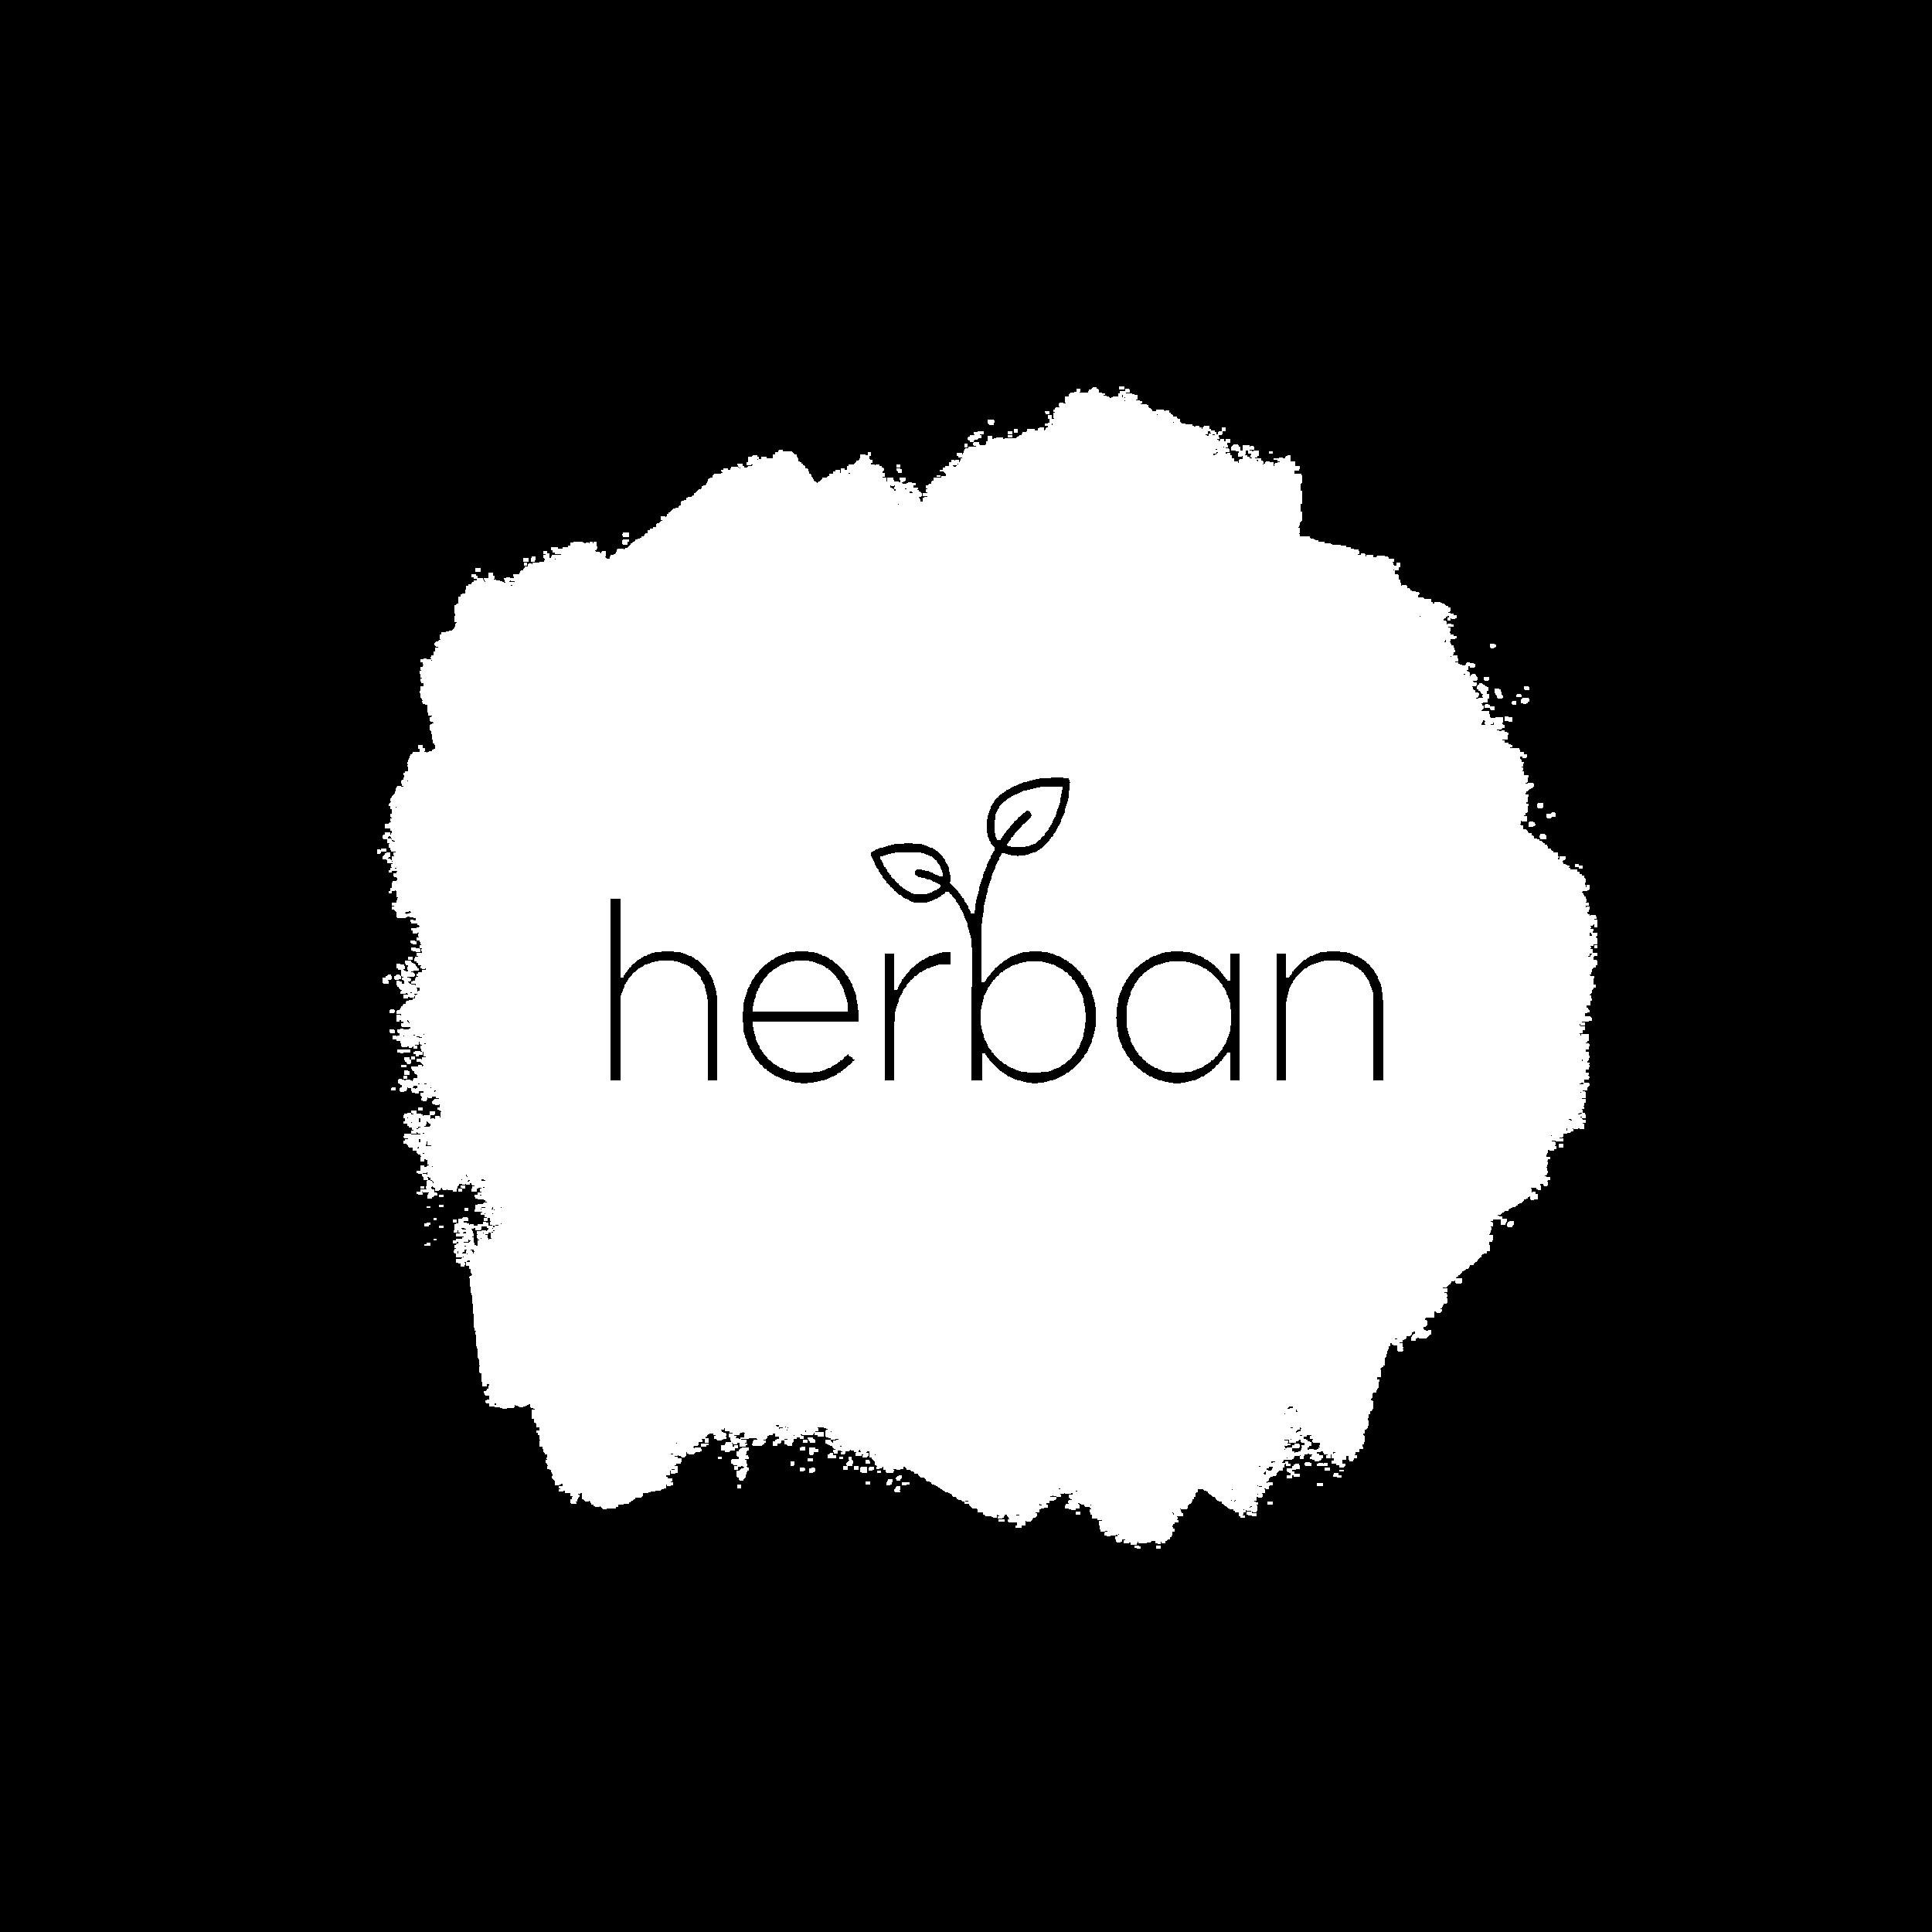 Herban-Logo-BW.png